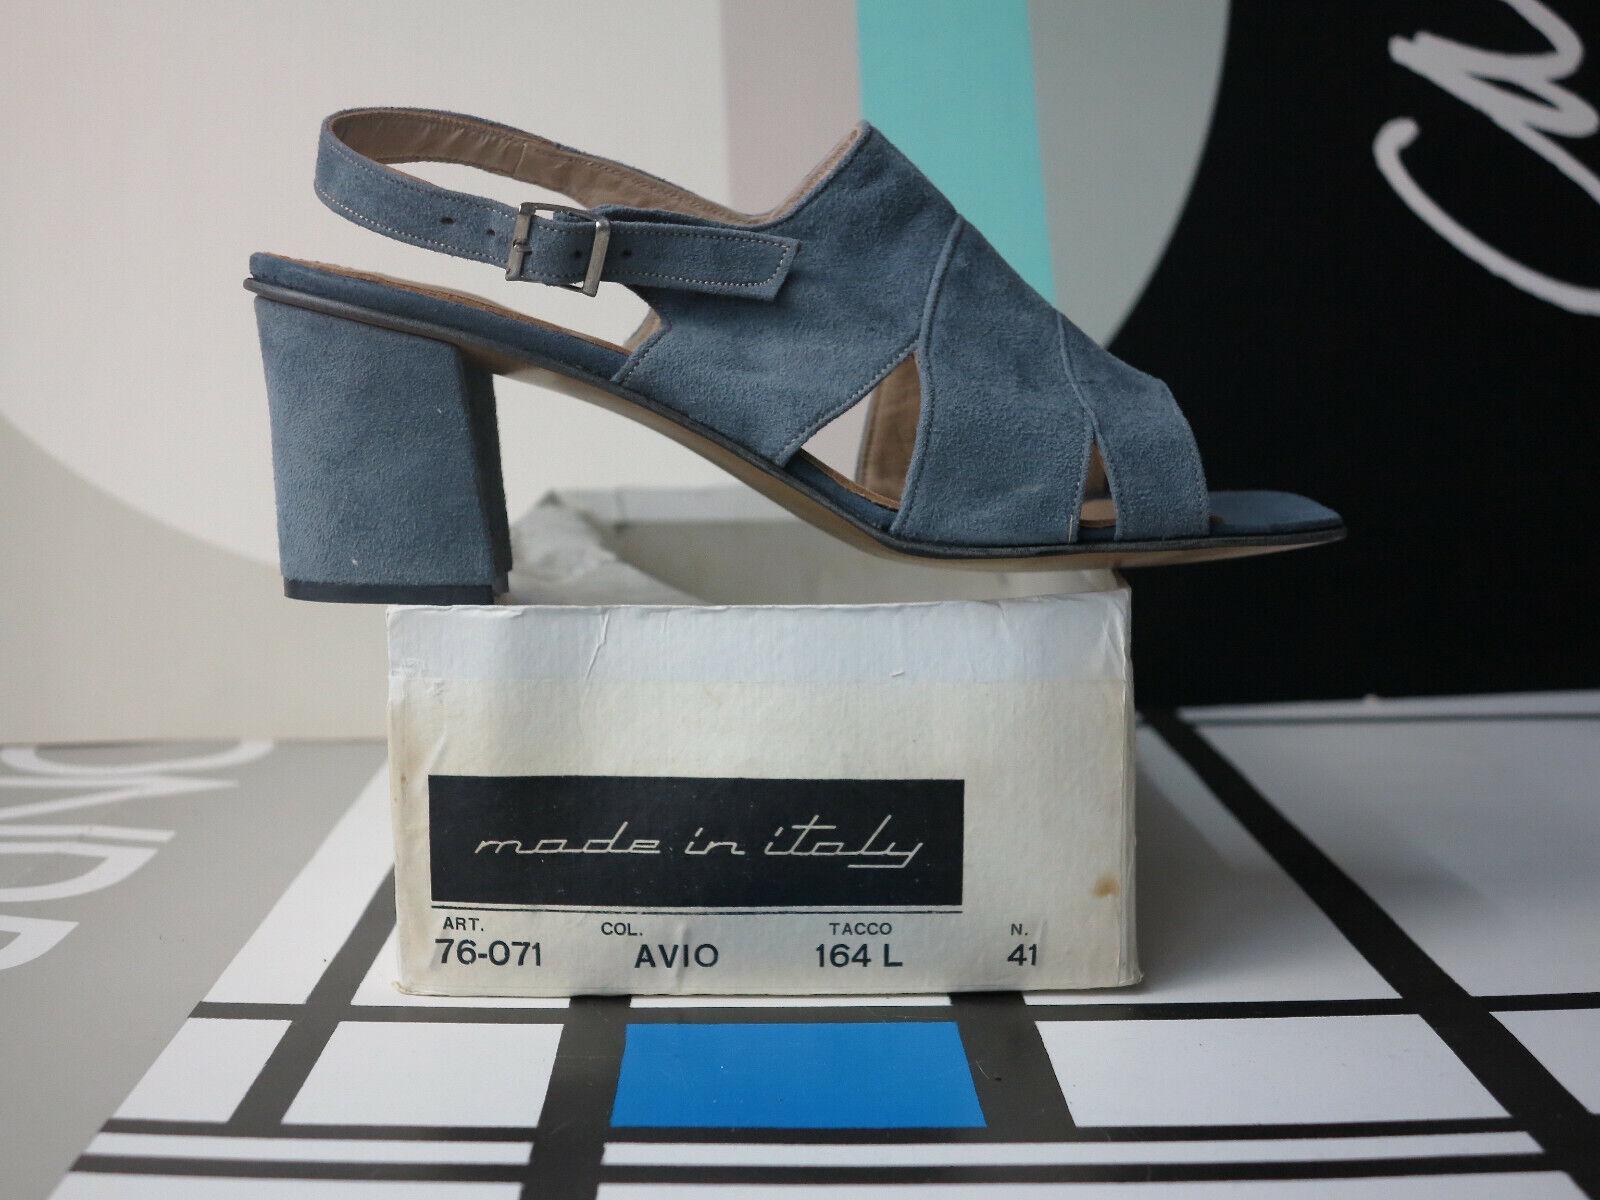 Señora sandalias zapatos de de de gamuza azul tacón alto Suede 70er True vintage 70s nos  descuento de ventas en línea